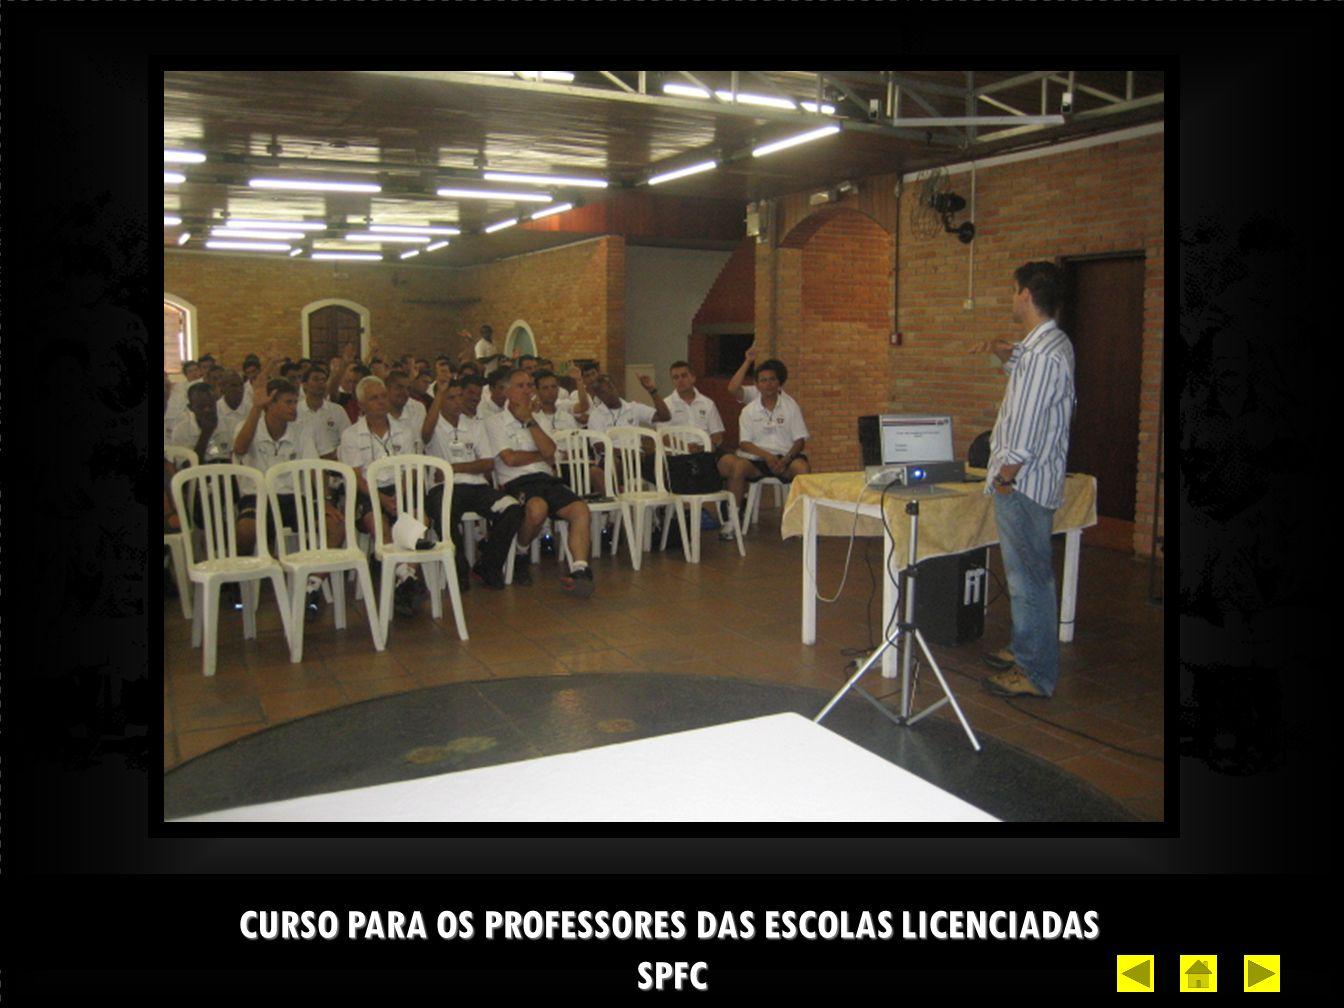 CURSO PARA OS PROFESSORES DAS ESCOLAS LICENCIADAS